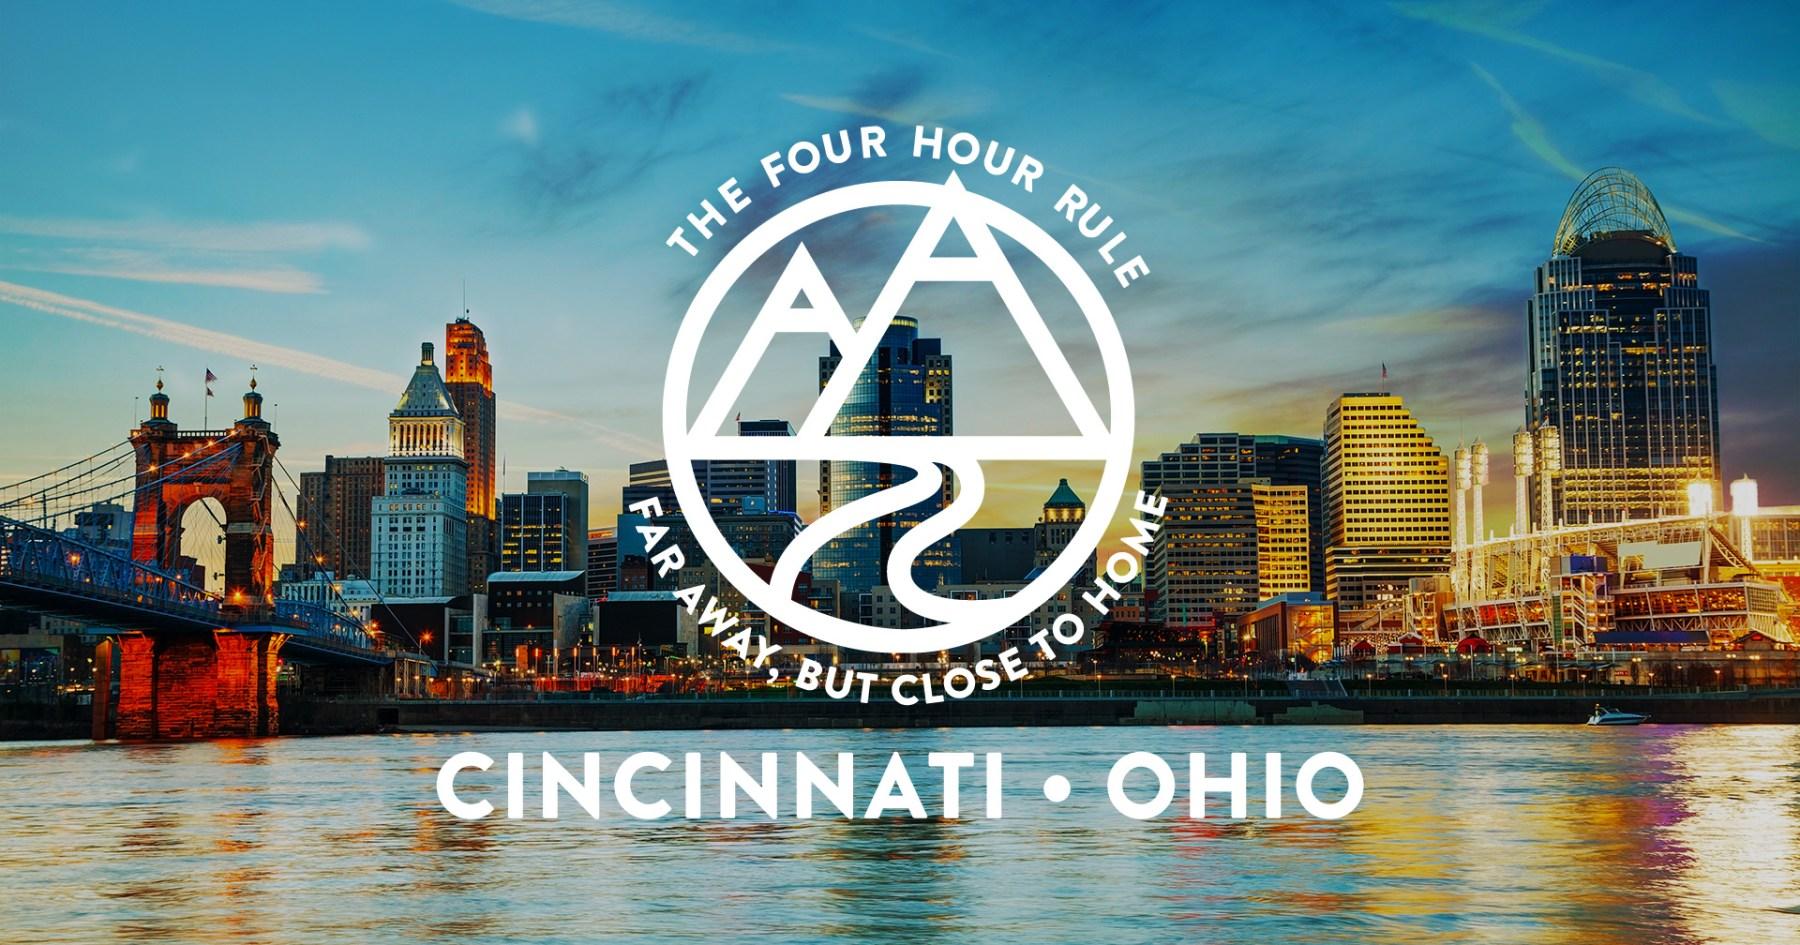 The 4hr. Rule: Cincinnati, Ohio